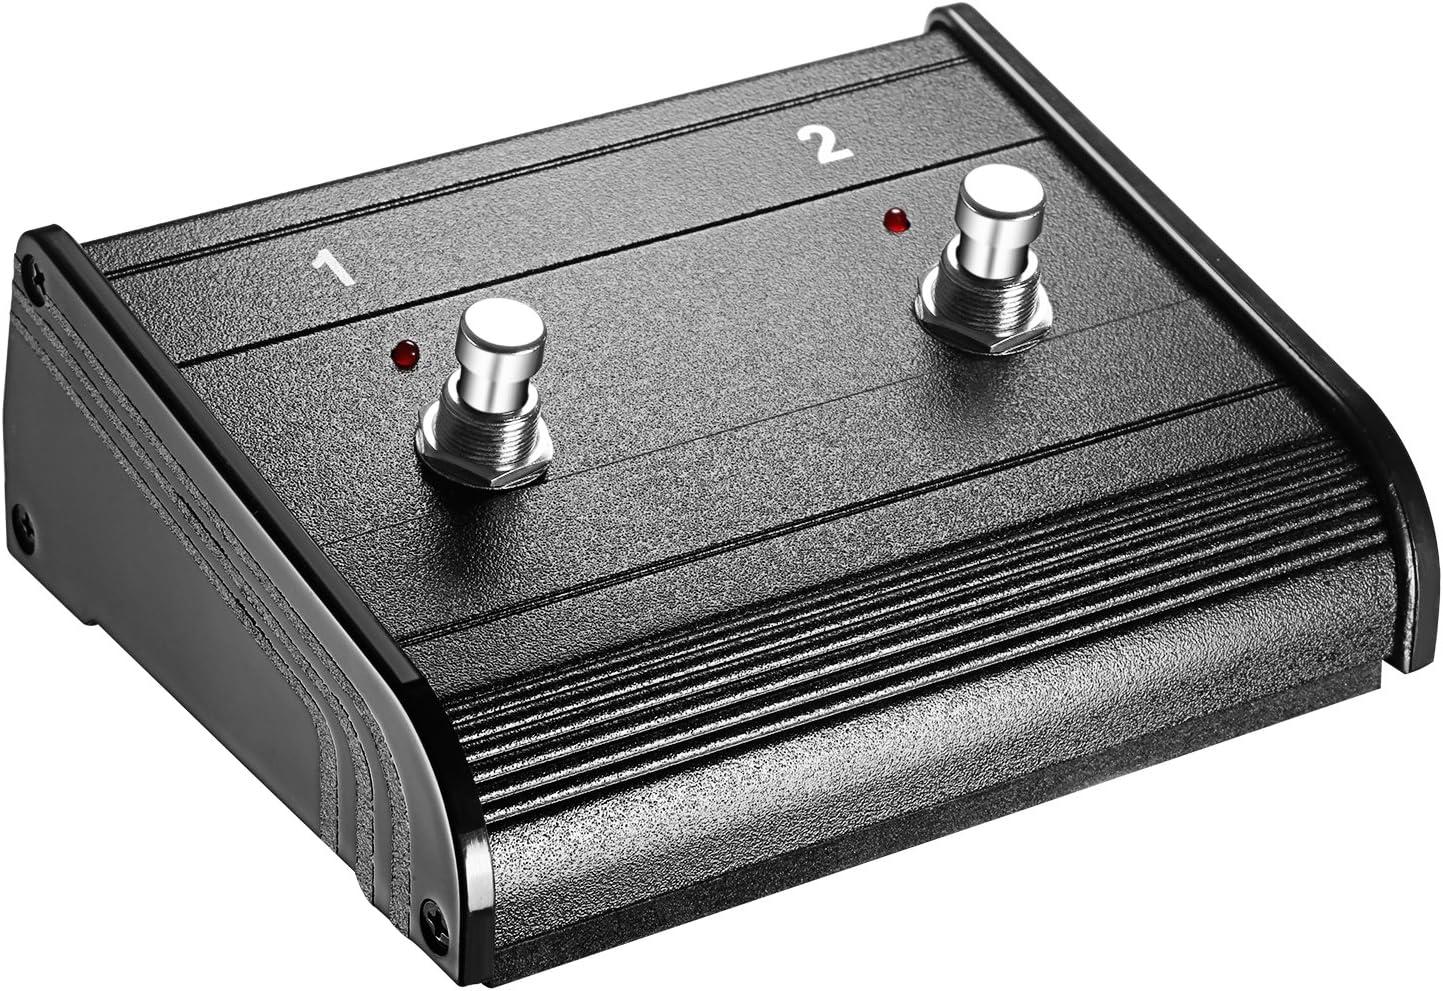 Neewer Interruptor de Pedal de 2 Botones de Doble Canal con Cable de Jack de 1/4 Pulgada para Amplificadores de Guitarra Bajo y Teclado con Capacidad de Conmutación on/off (NW-202)